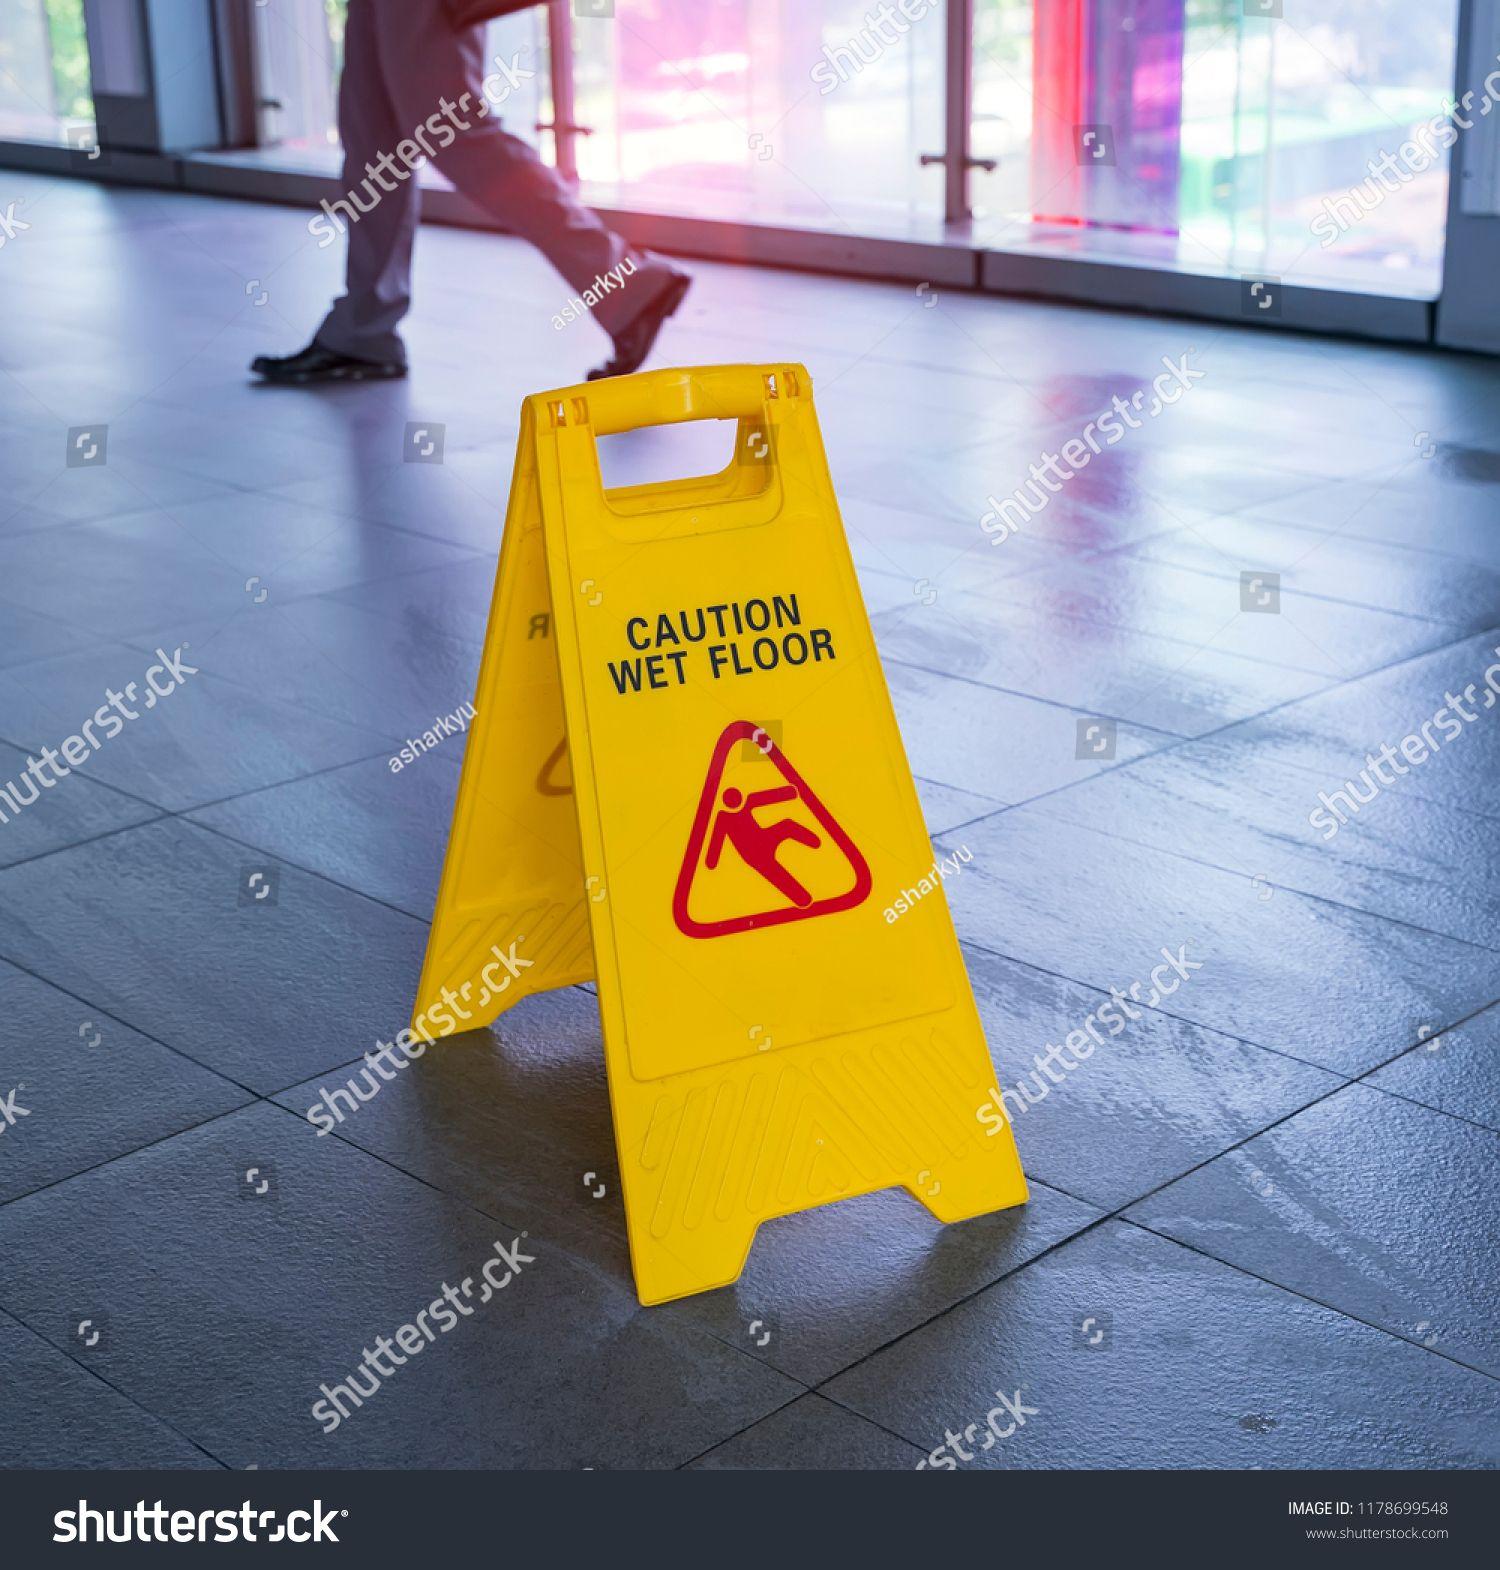 Yellow Caution Wet Floor Sign On Wet Floor Caution Yellow Wet Sign With Images Wet Floor Signs Wet Floor Wet